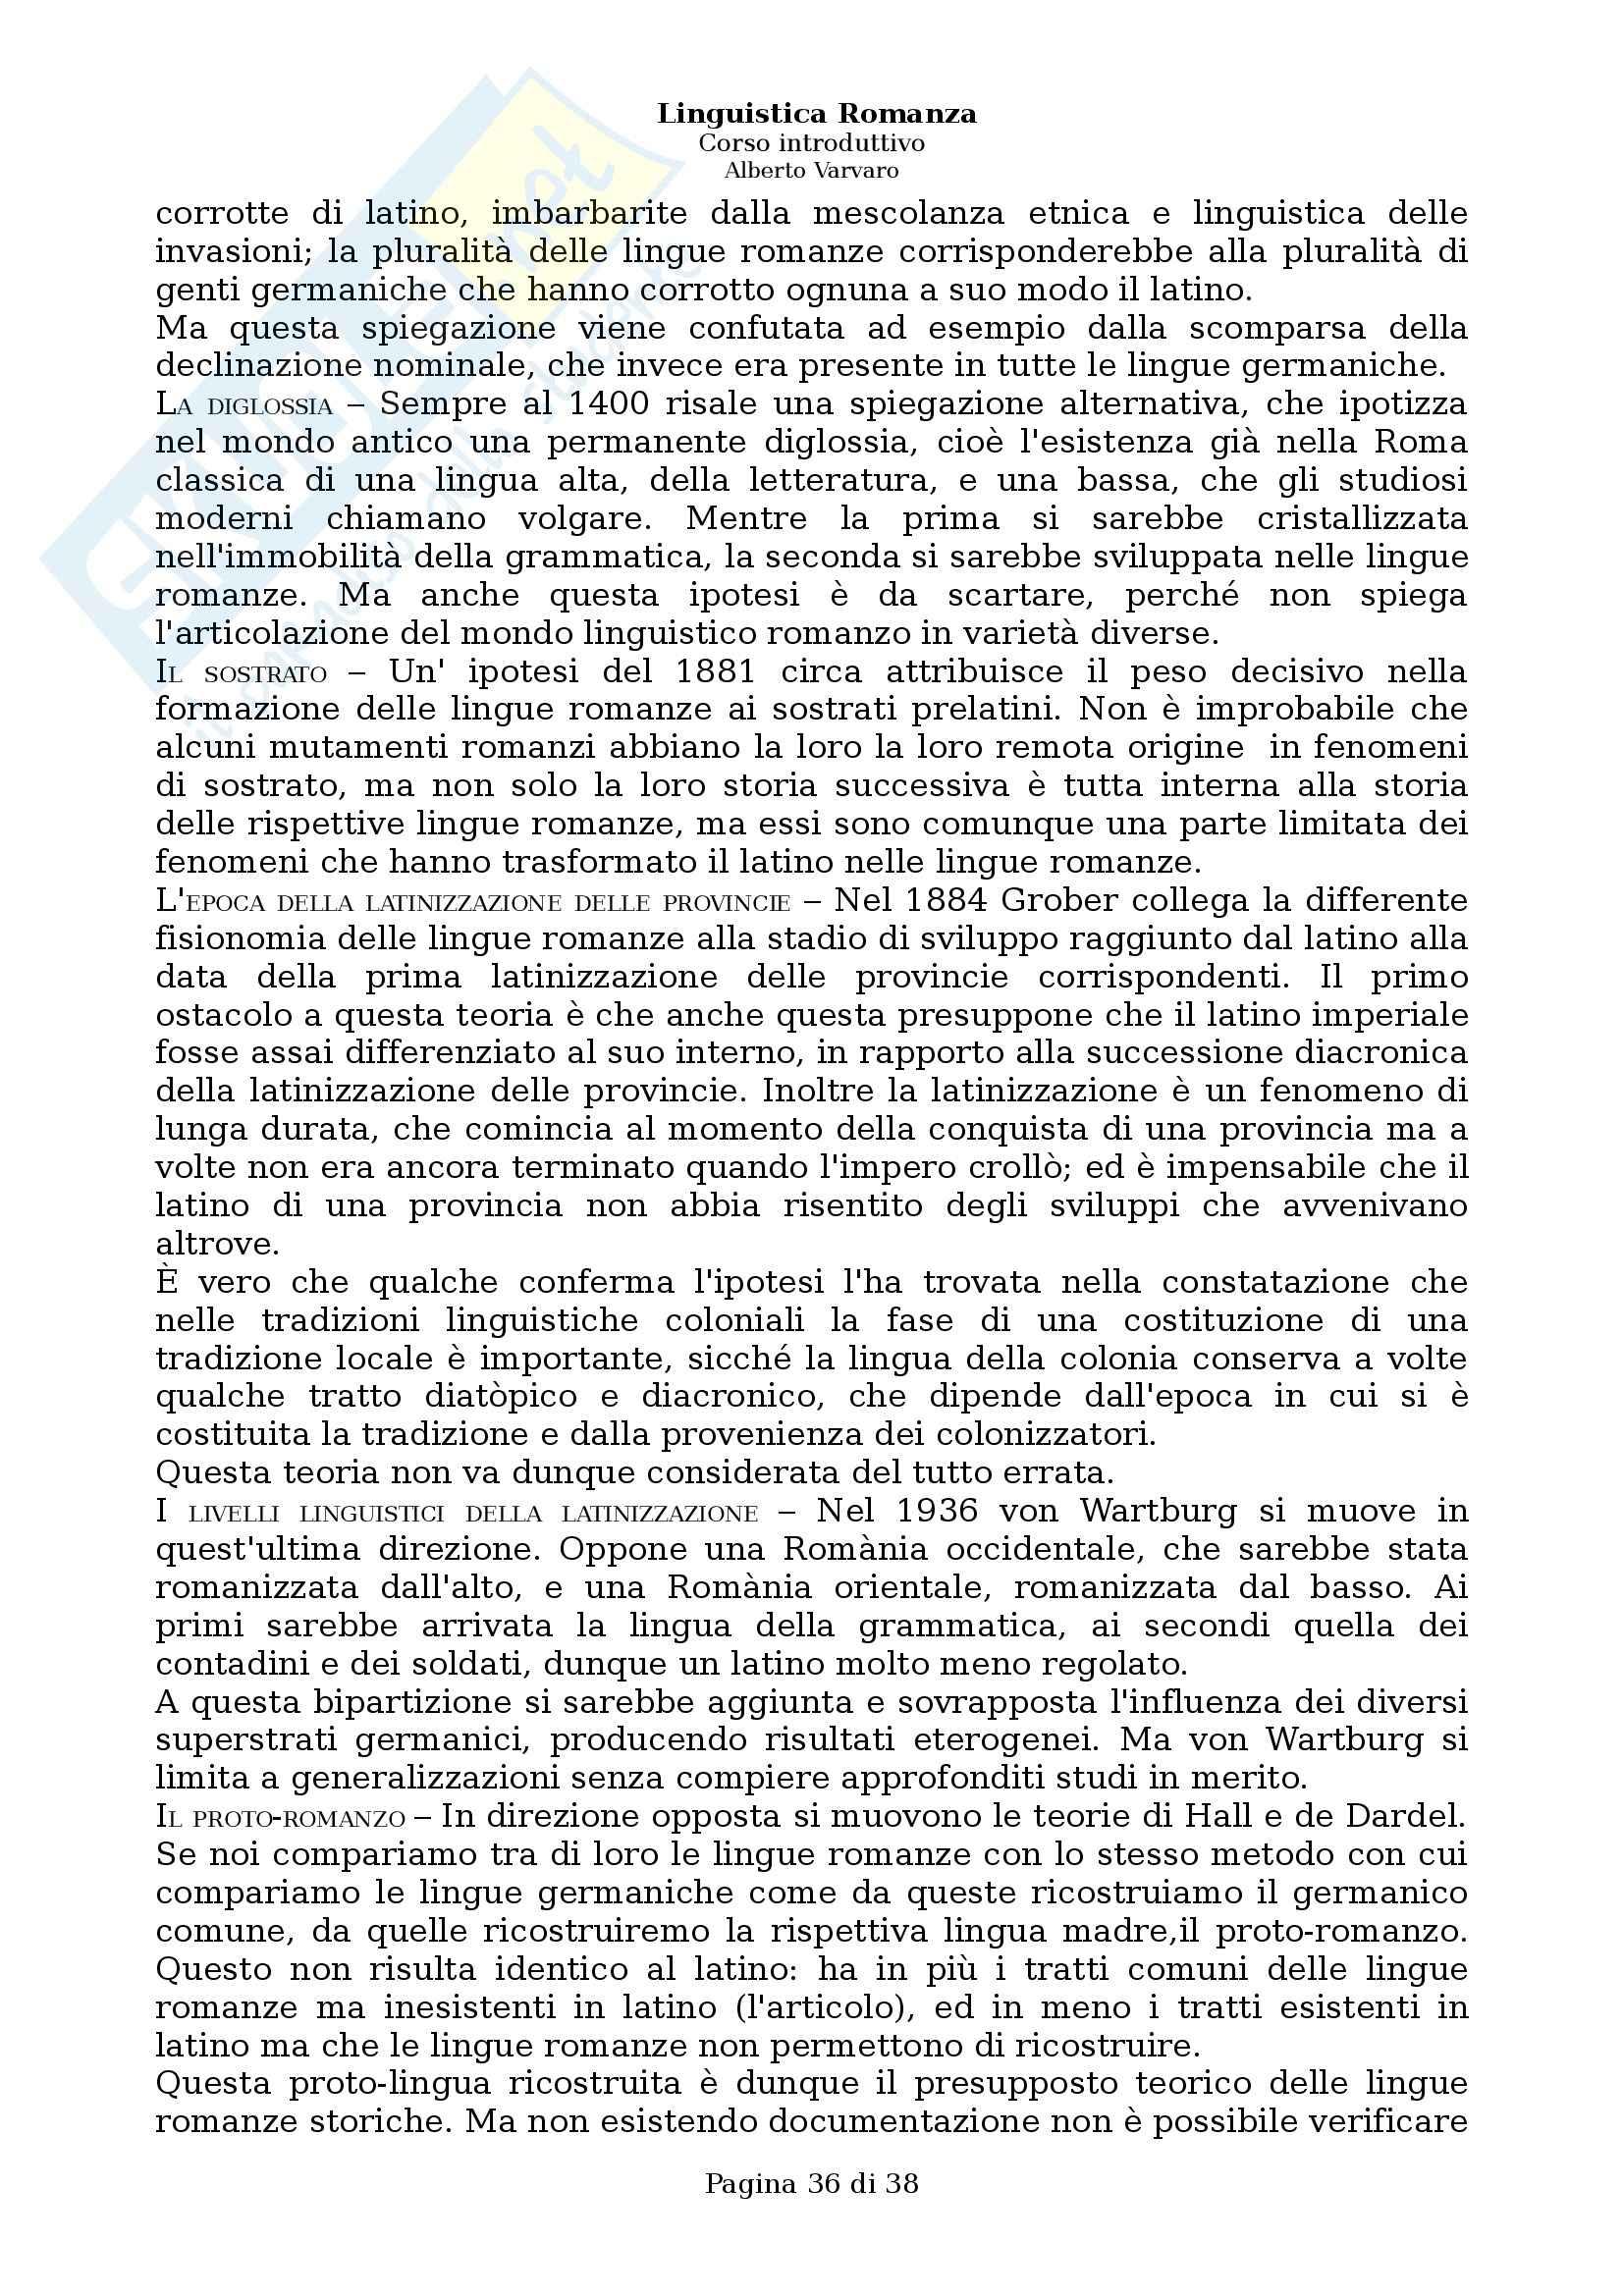 Riassunto esame Filologia e linguistica romanza, Linguistica romanza: Corso introduttivo, A. Varvaro, prof. Asperti Pag. 36